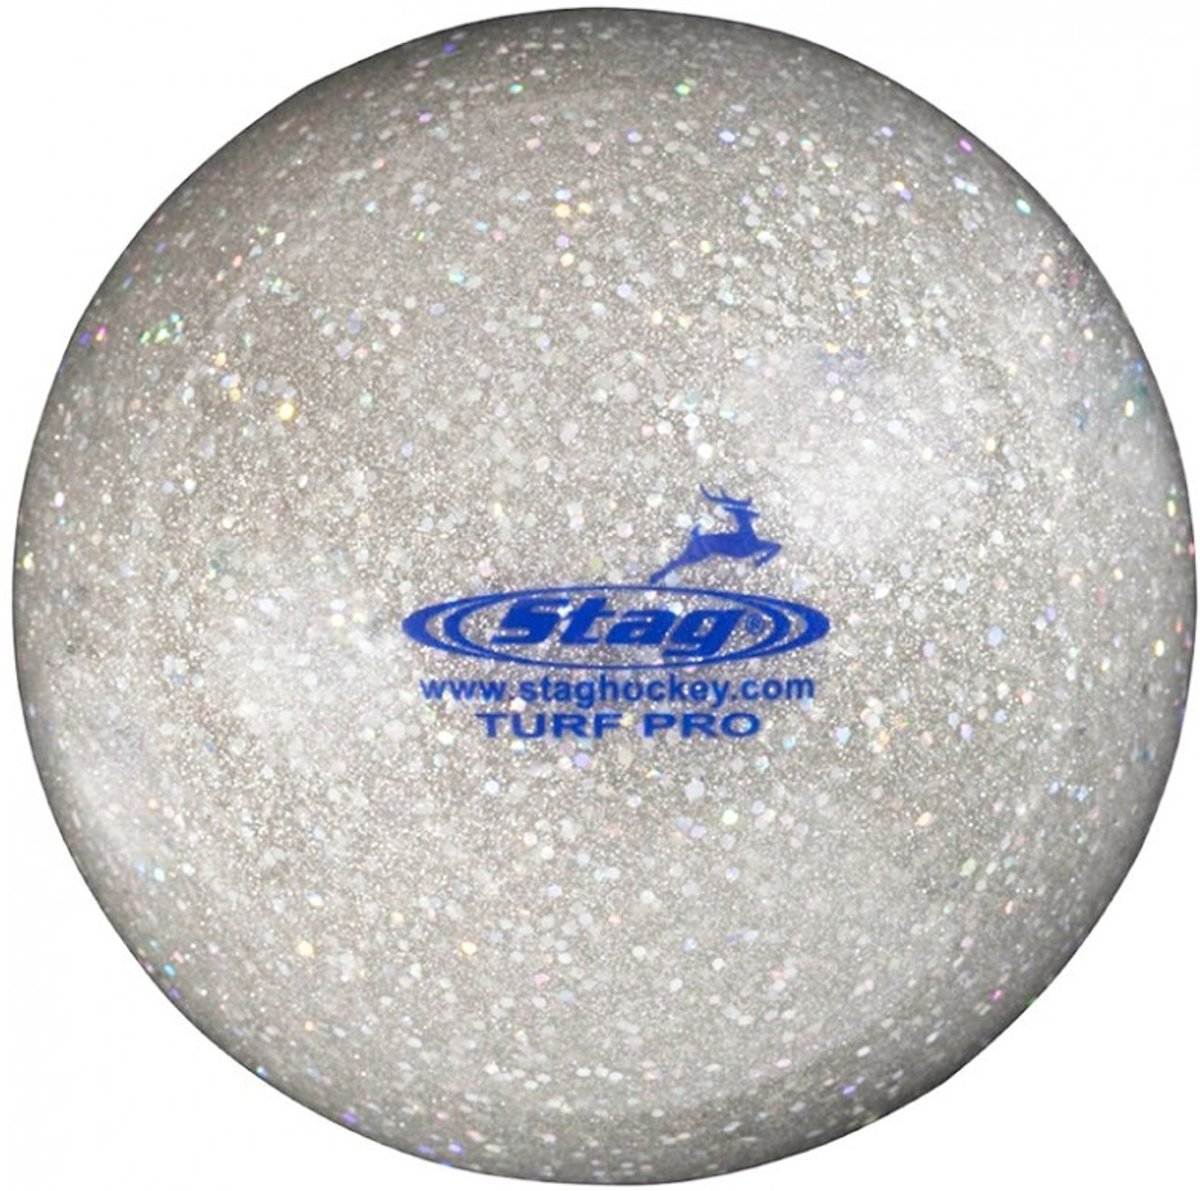 Stag Pro Turf Glitter Hockeybal - Ballen  - zilver - ONE kopen